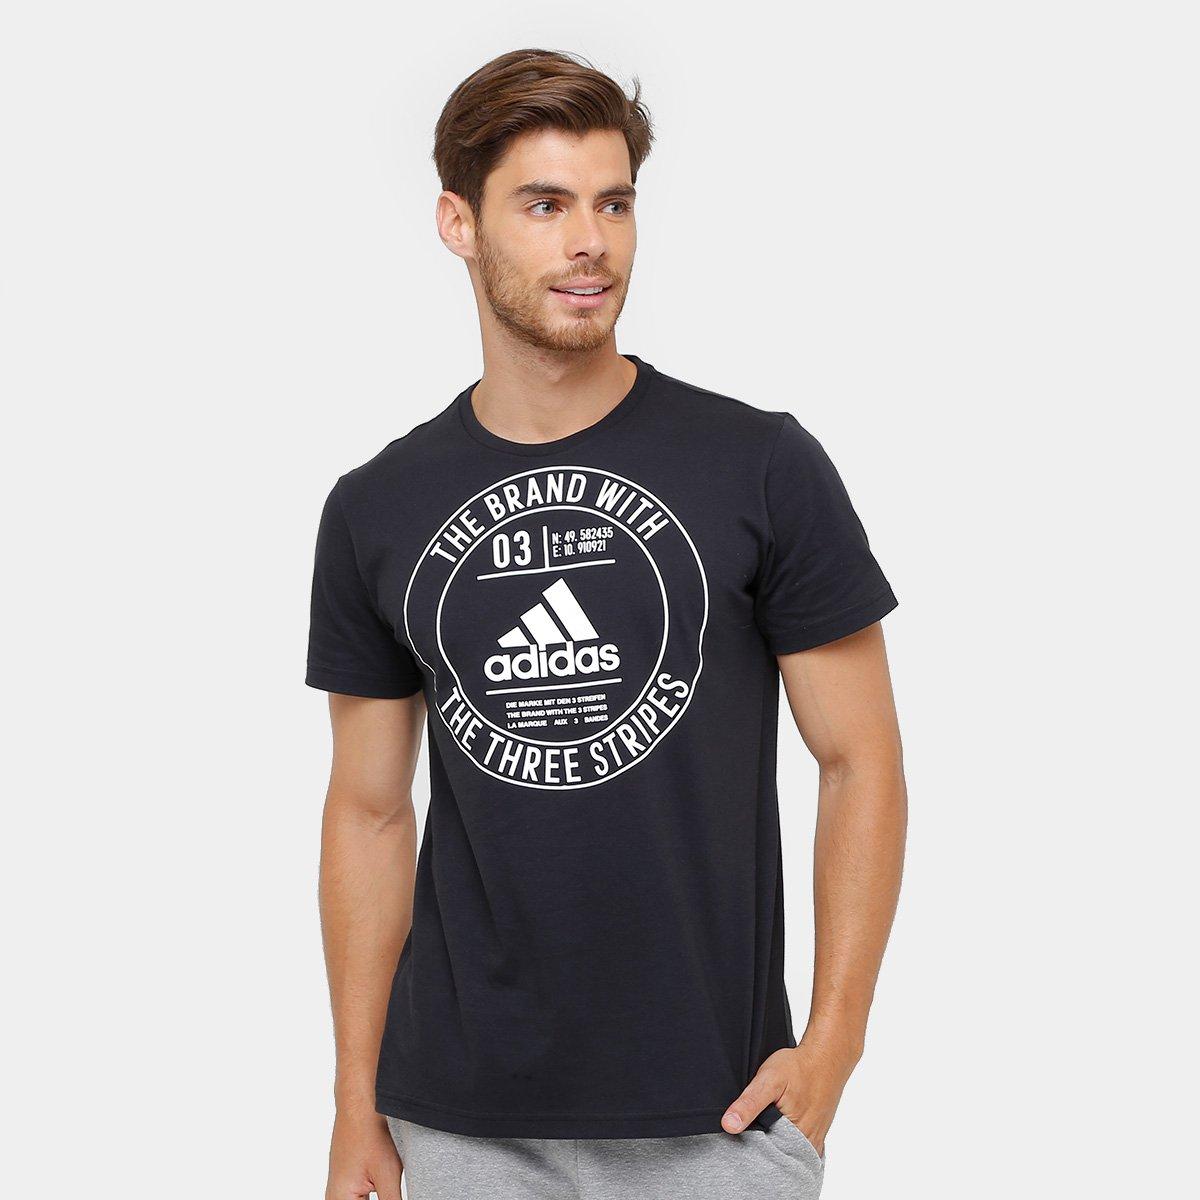 23b1f0e5e99c4 Camiseta Adidas Badge Masculina - Preto - Compre Agora